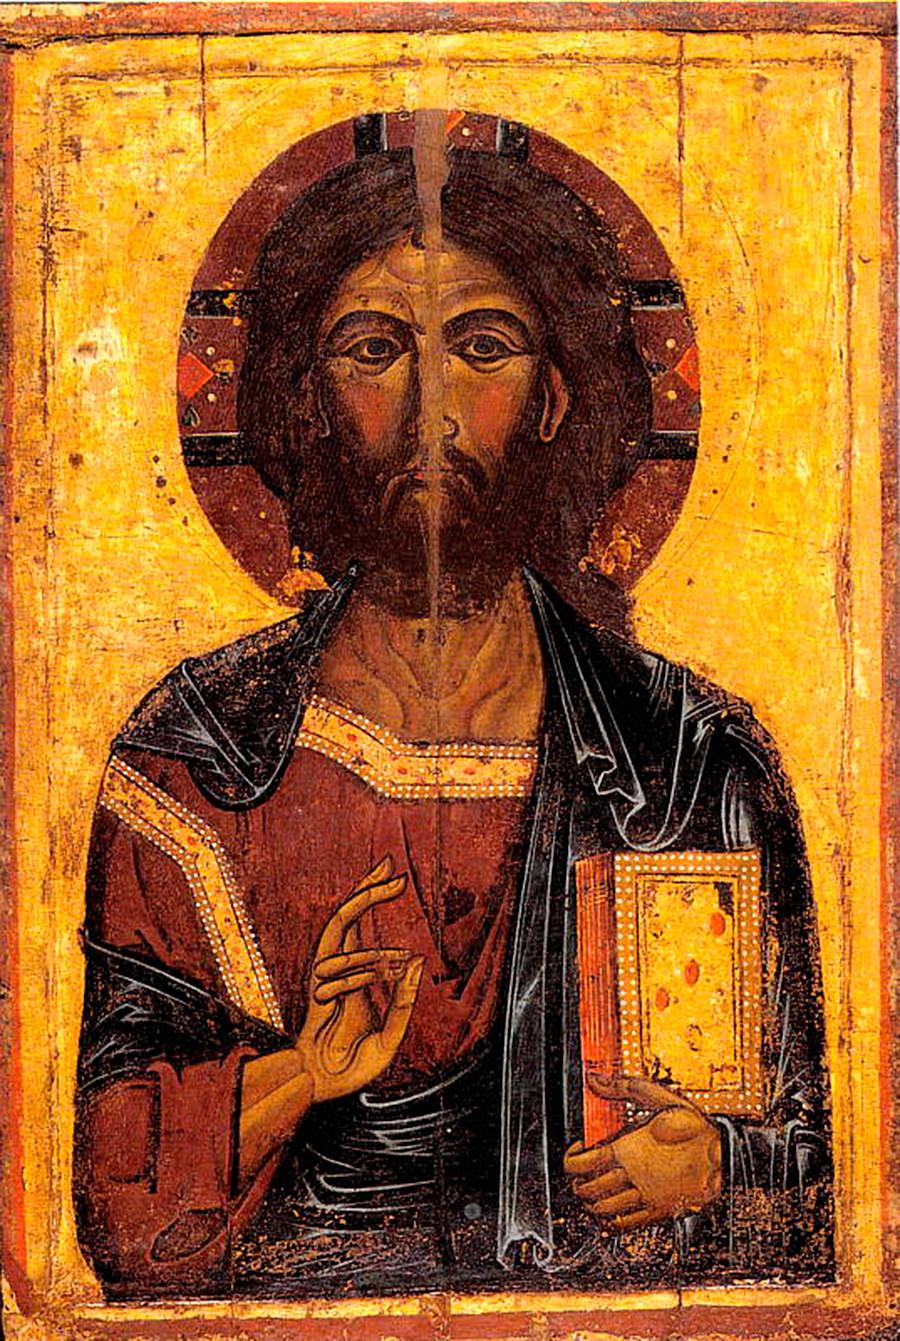 L'oggetto più antico del museo: un'icona del XIII secolo del Cristo Pantocratore di Gavshinka (un villaggio vicino alla città di Jaroslavl)